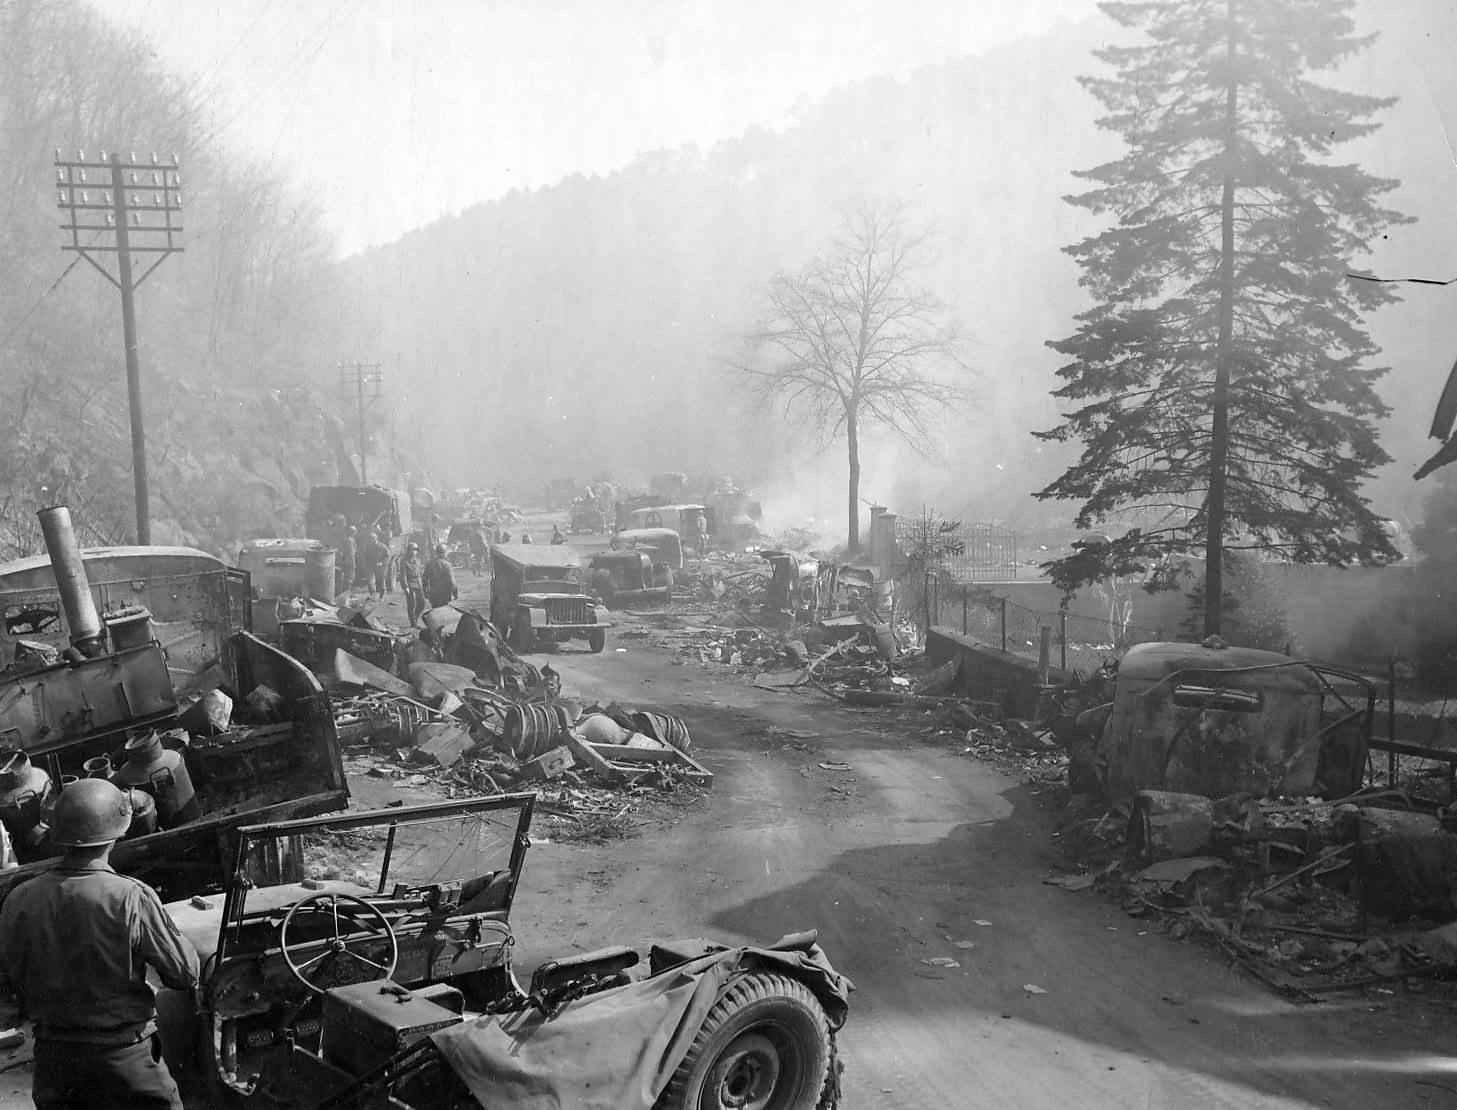 German Trucks Wrecks On Road Durkheim Germany 1945